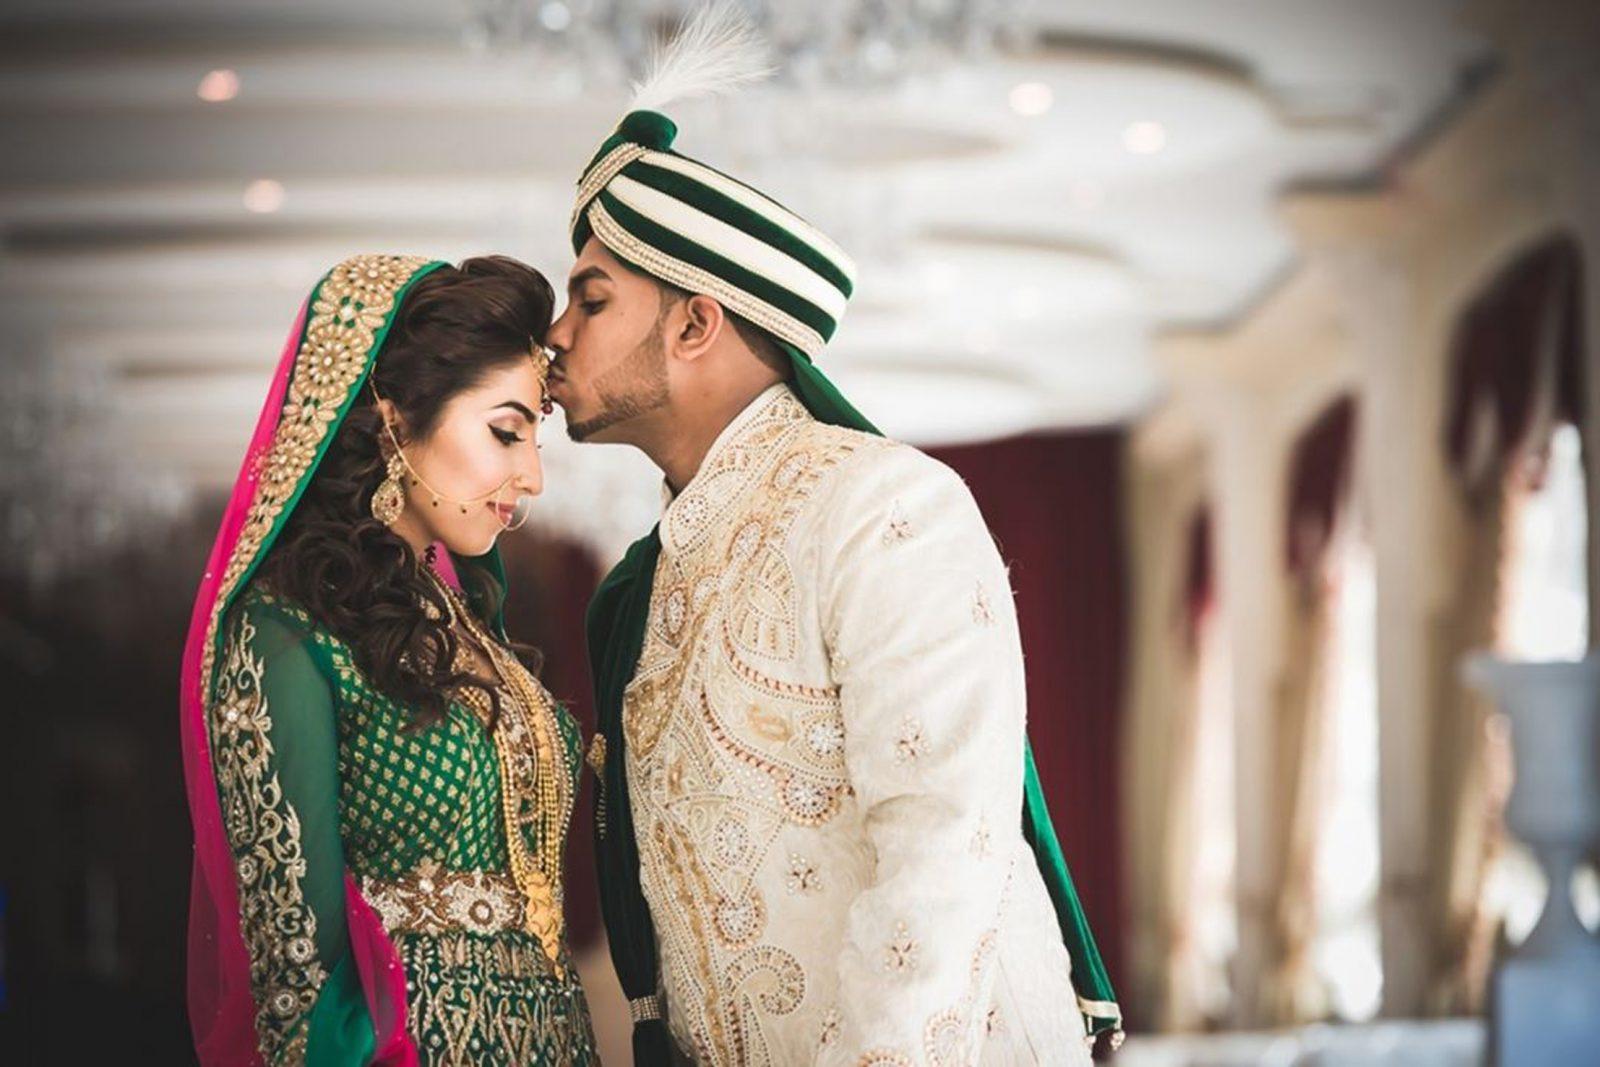 Indian Wedding Free Stock Photos Life Of Pix